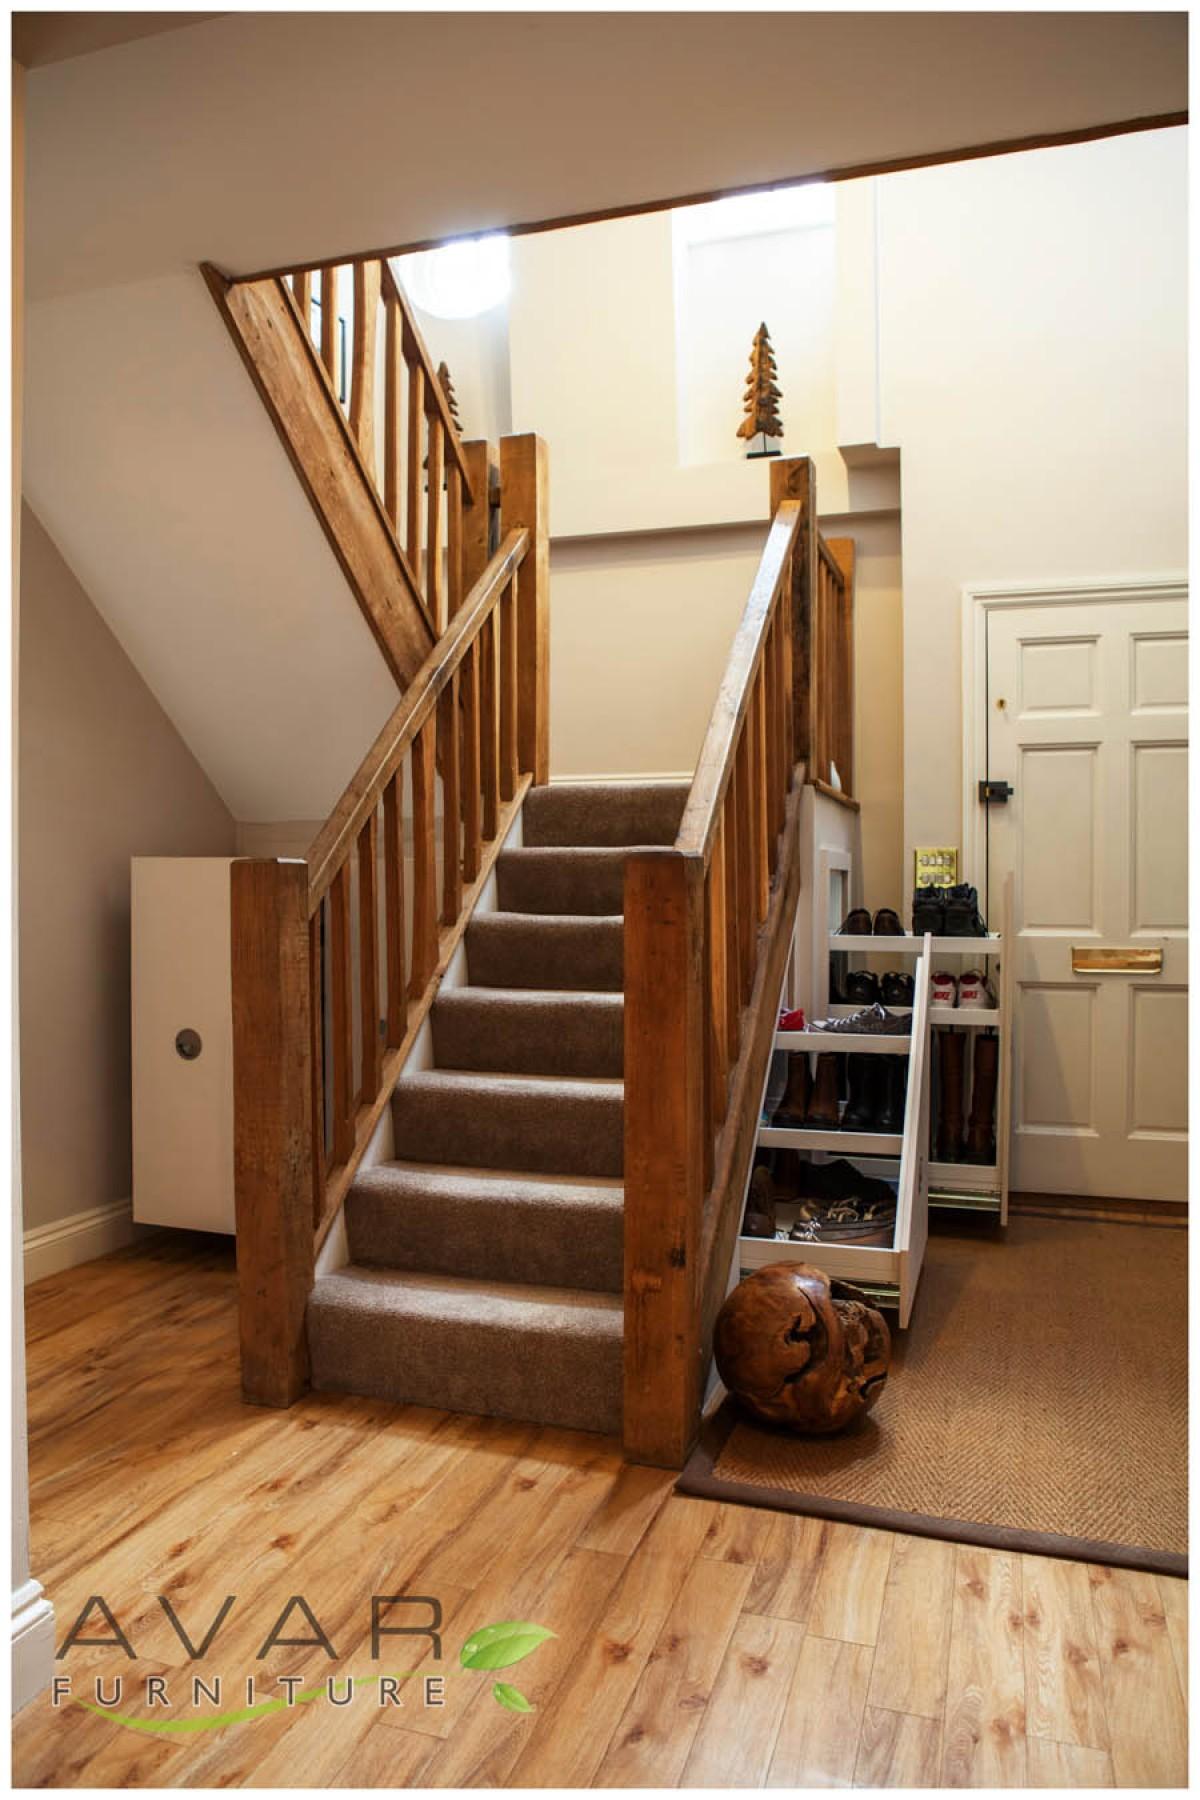 ƸӜƷ Under Stairs Storage Ideas Gallery 17 North London